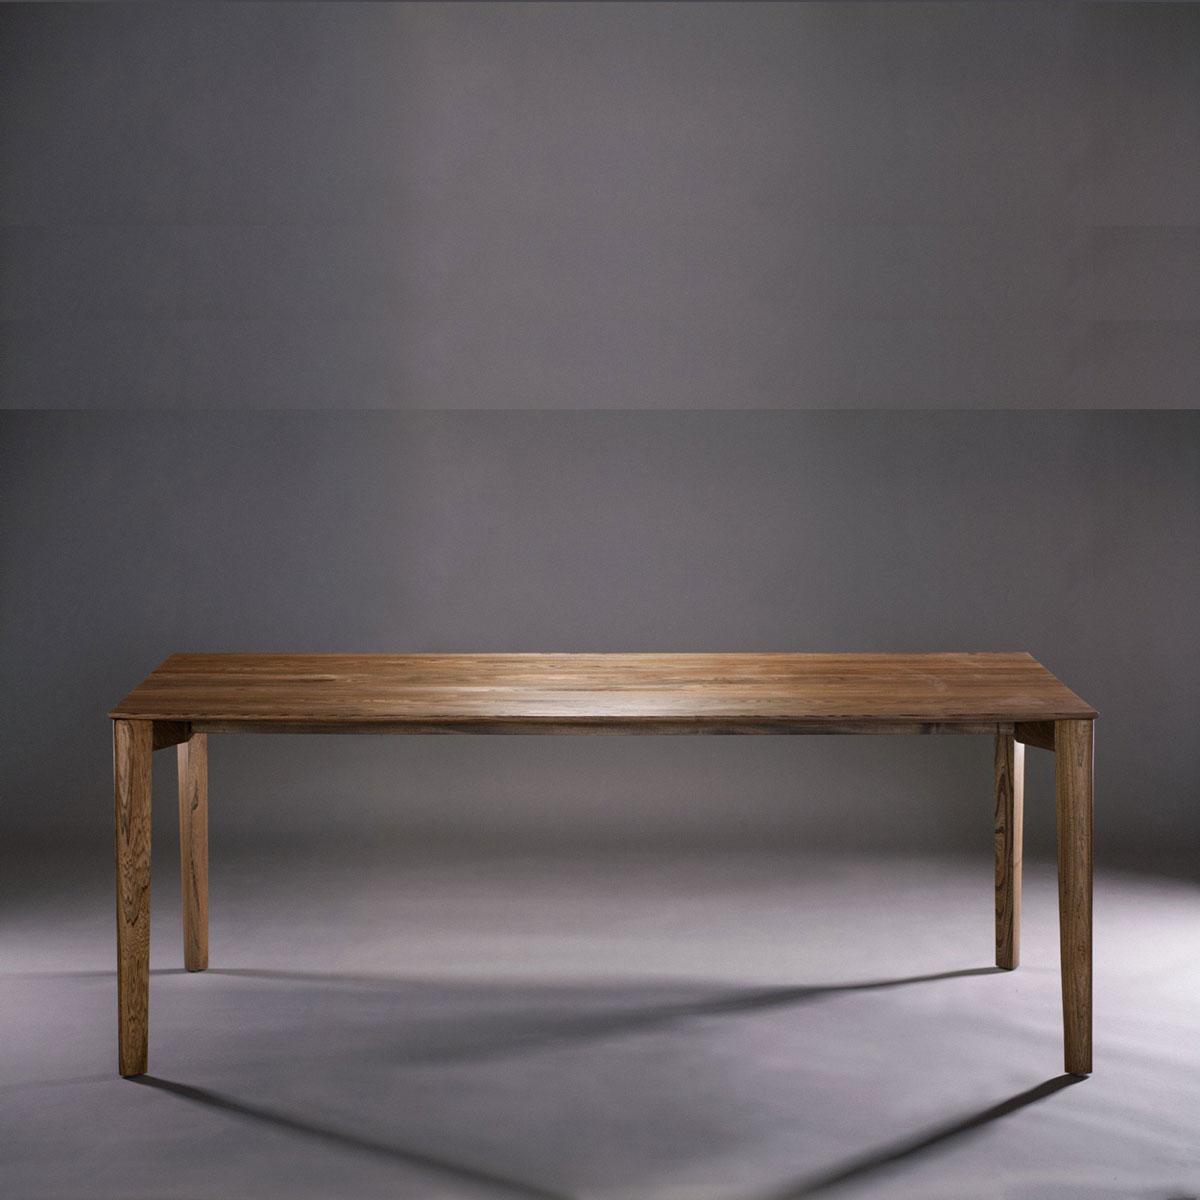 Mesa Fin en madera, con diseño original y producción artesana europea